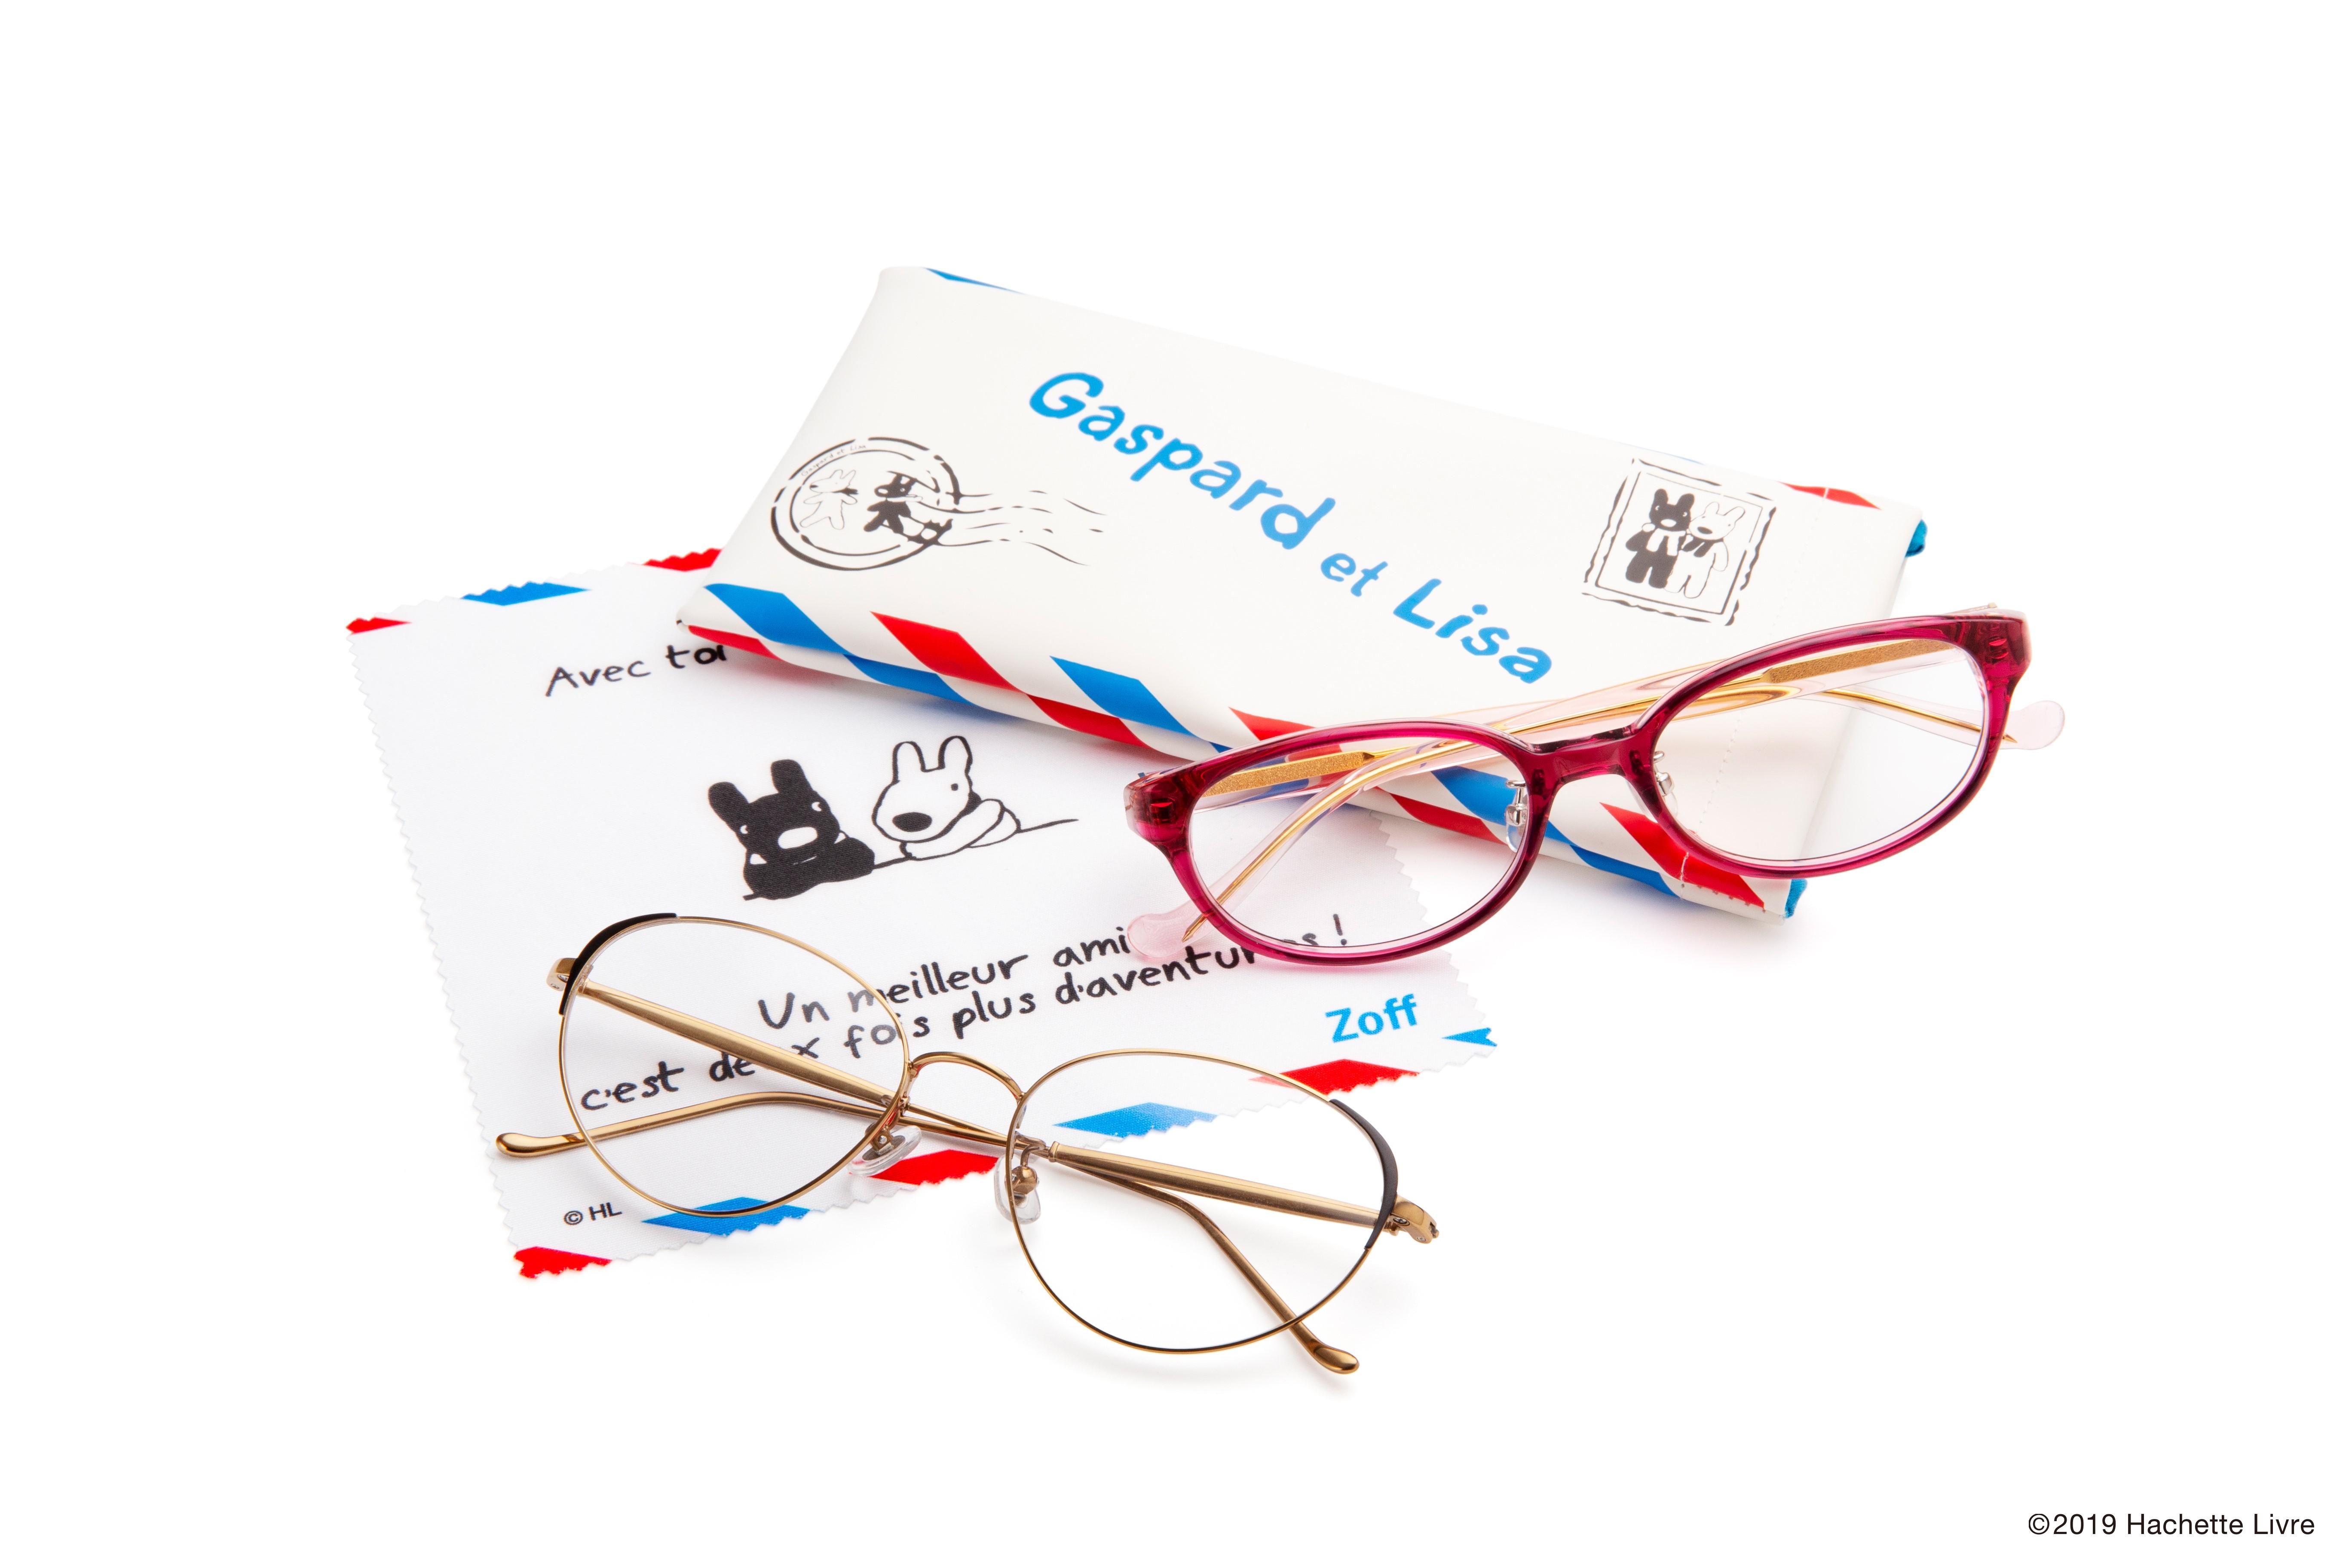 【Zoff】Zoffから生誕20周年を迎えるリサとガスパールのメガネが発 売!「Zoff×Gaspard et Lisa」(ゾフ×リサとガスパール)